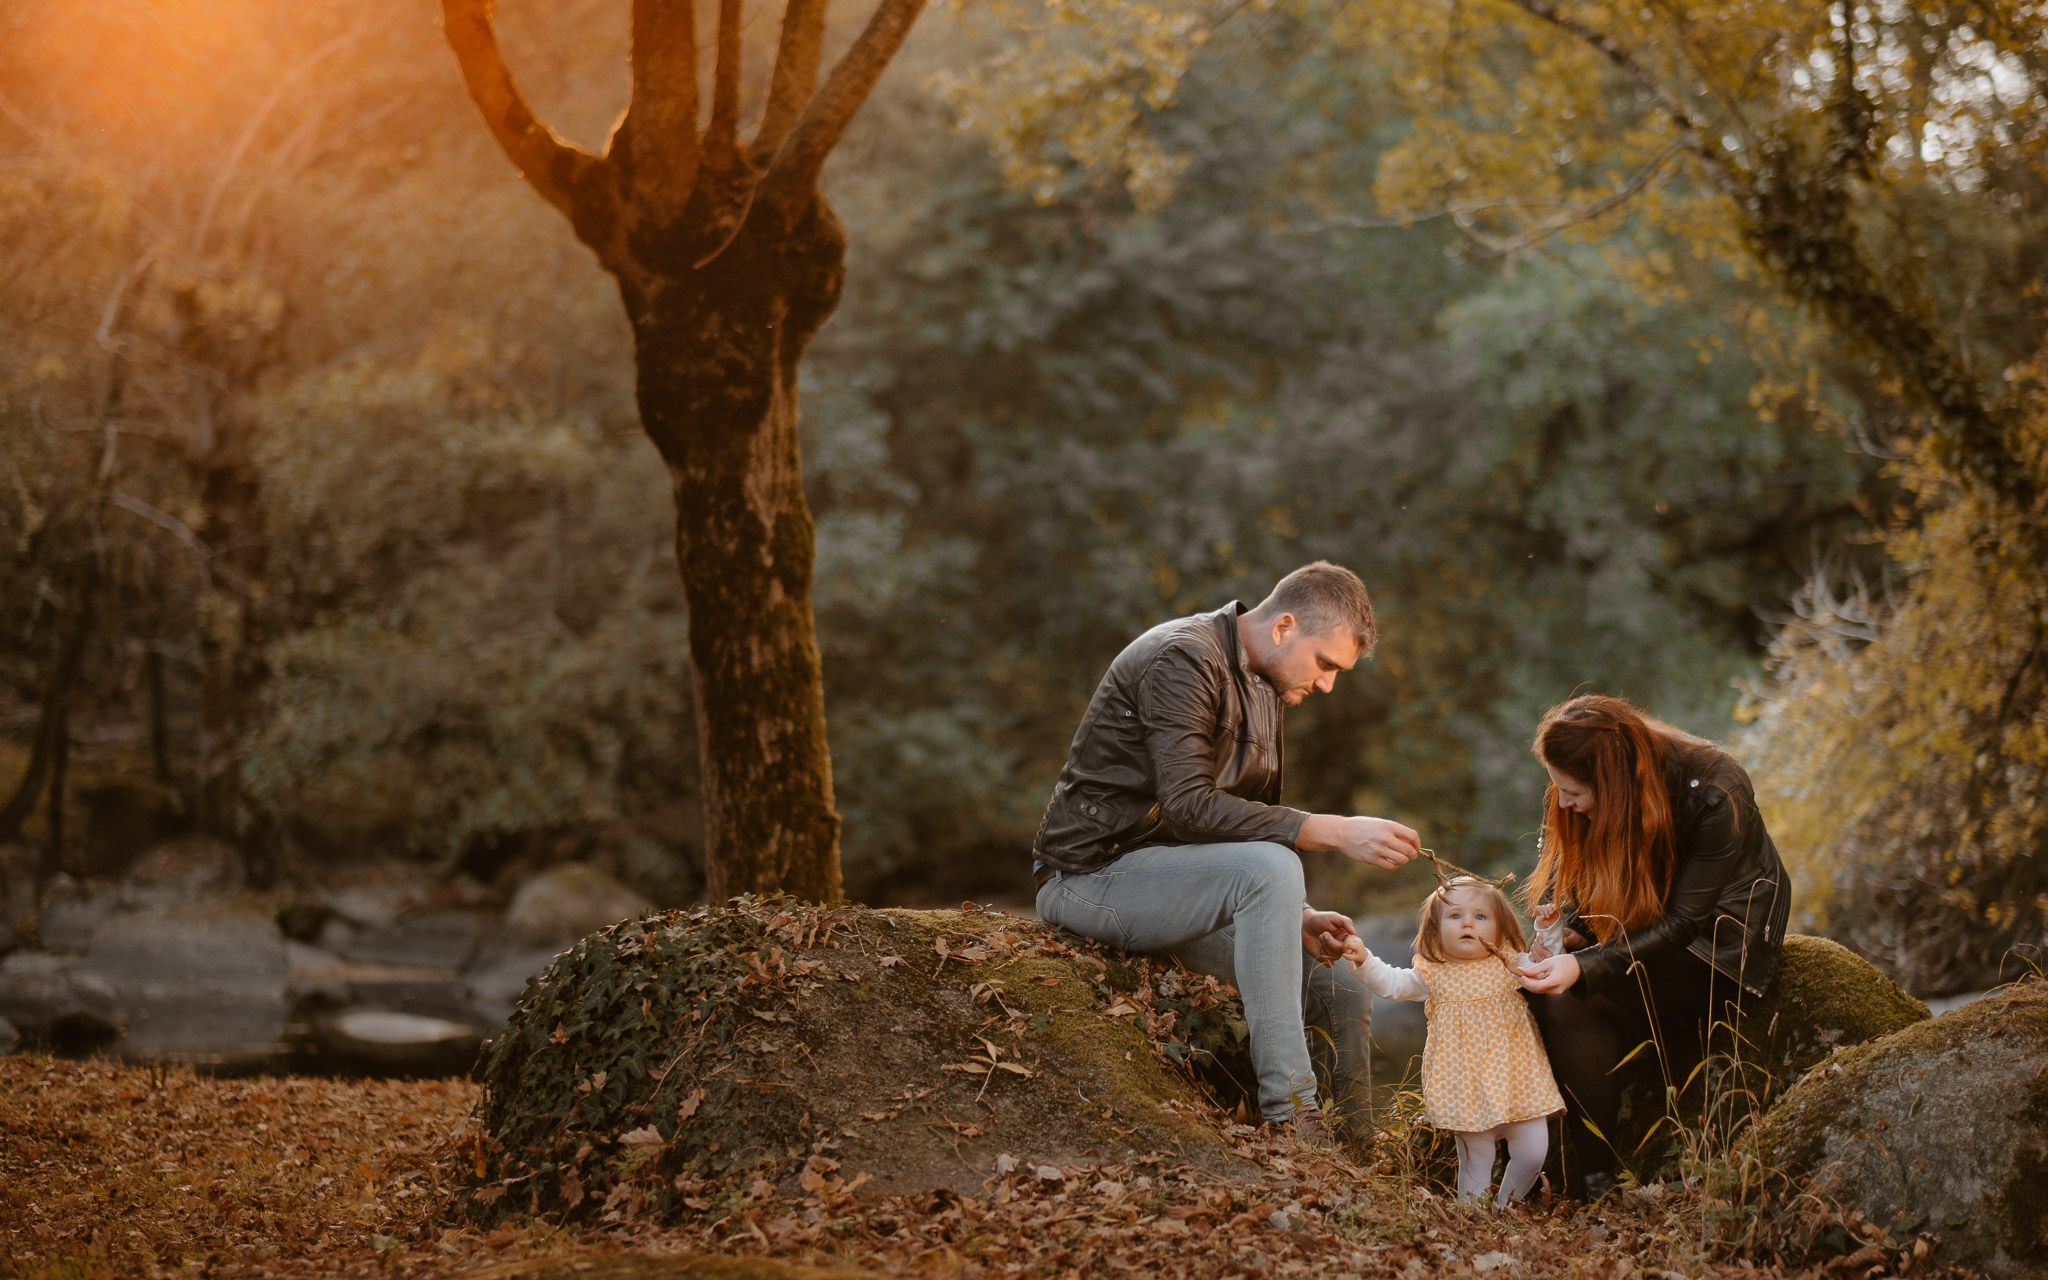 Séance photo de famille parents enfant en extérieur, à l'ambiance poétique en automne à Clisson par Geoffrey Arnoldy photographe